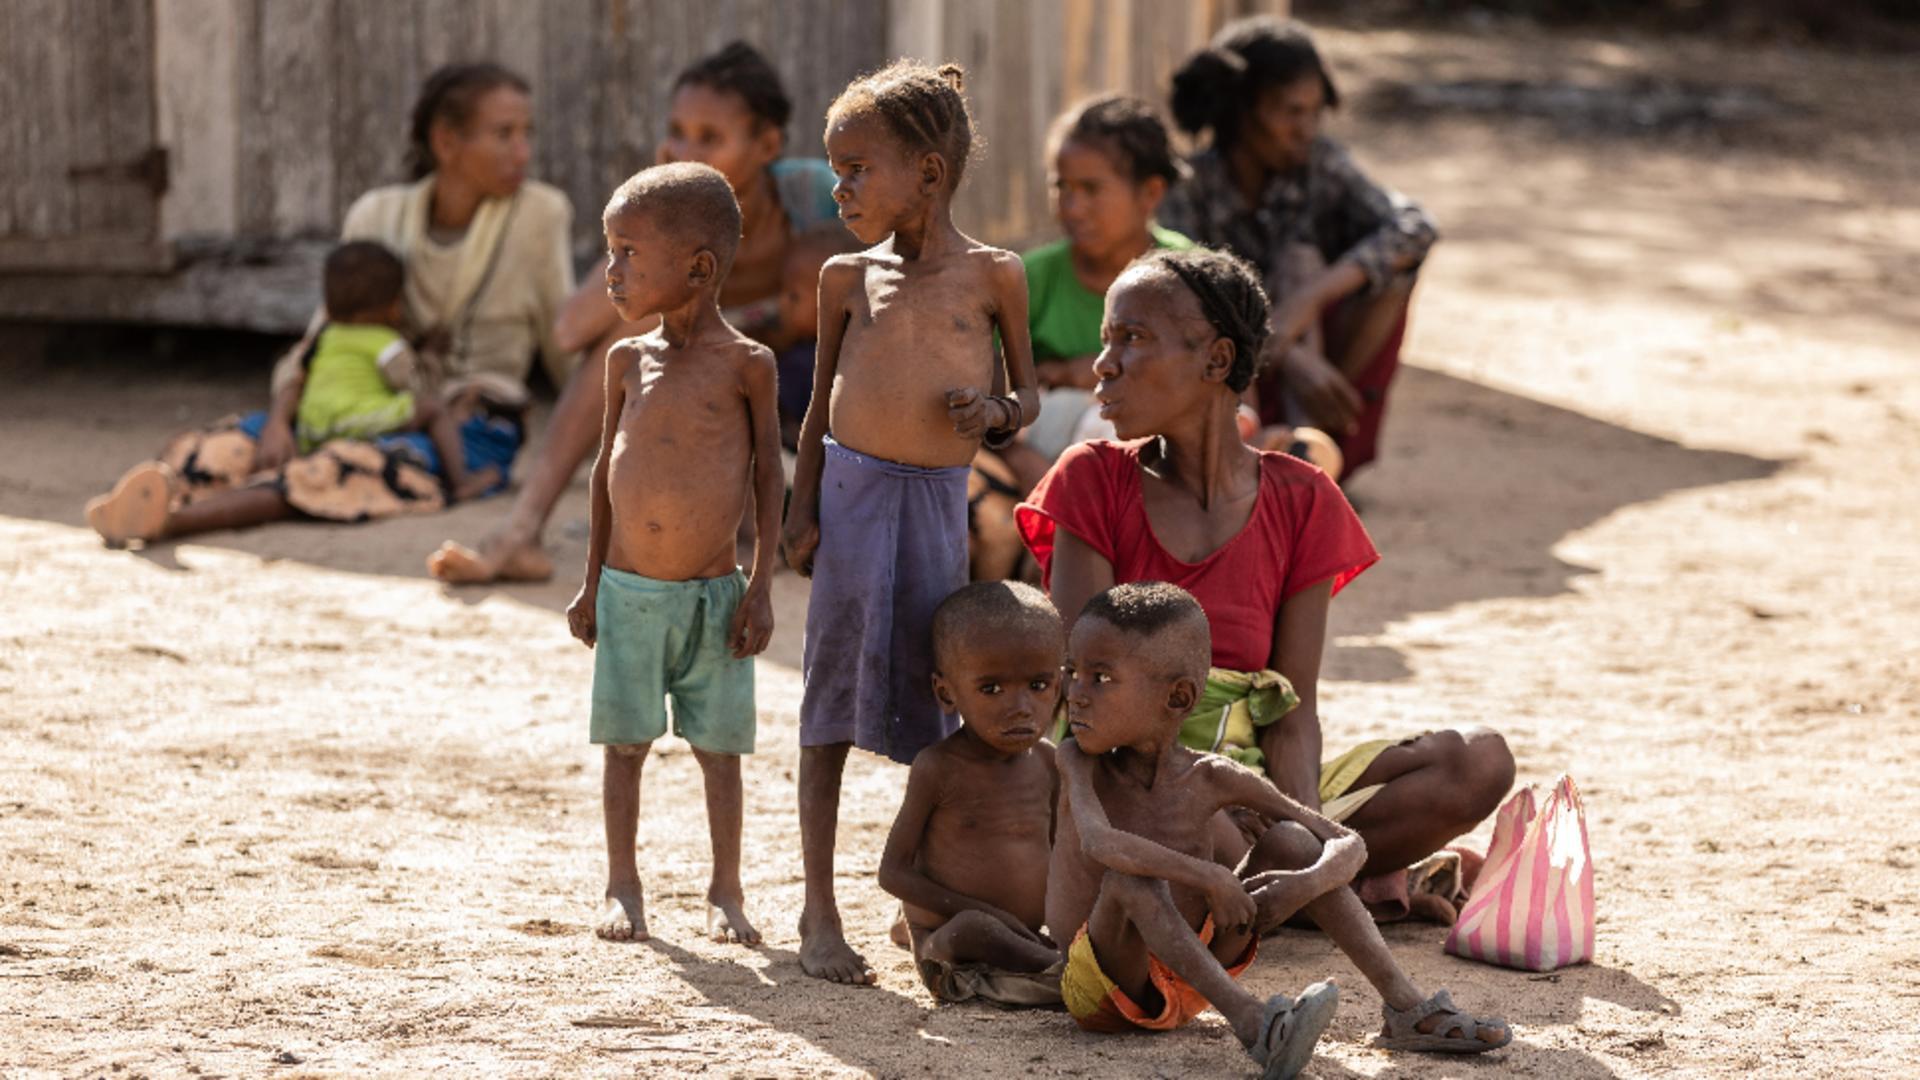 ALERTA EXTREMĂ: Madagascar, lovită de foamete din cauza secetei, copiii sunt victime sigure